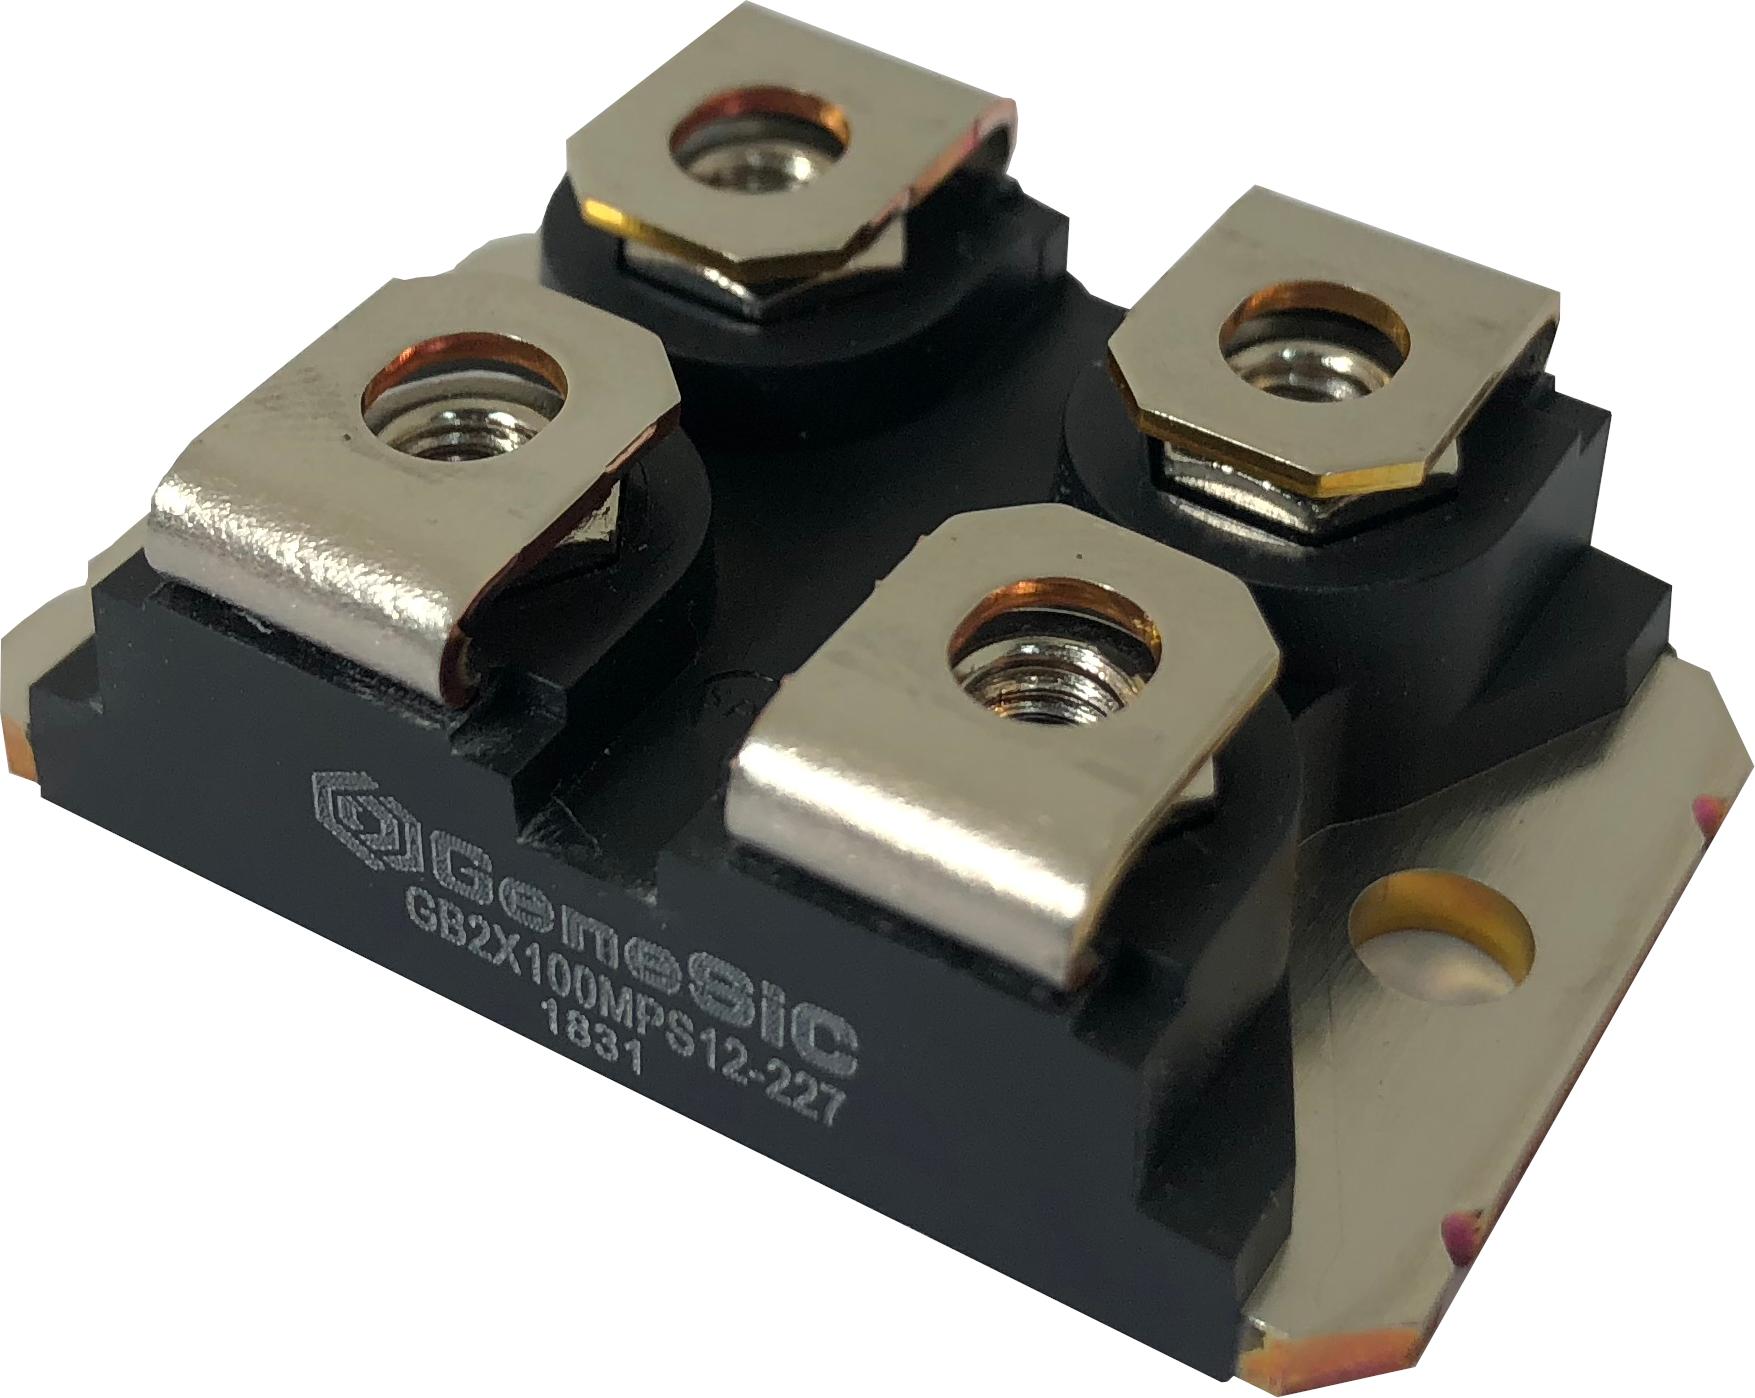 GB2X100MPS12-227